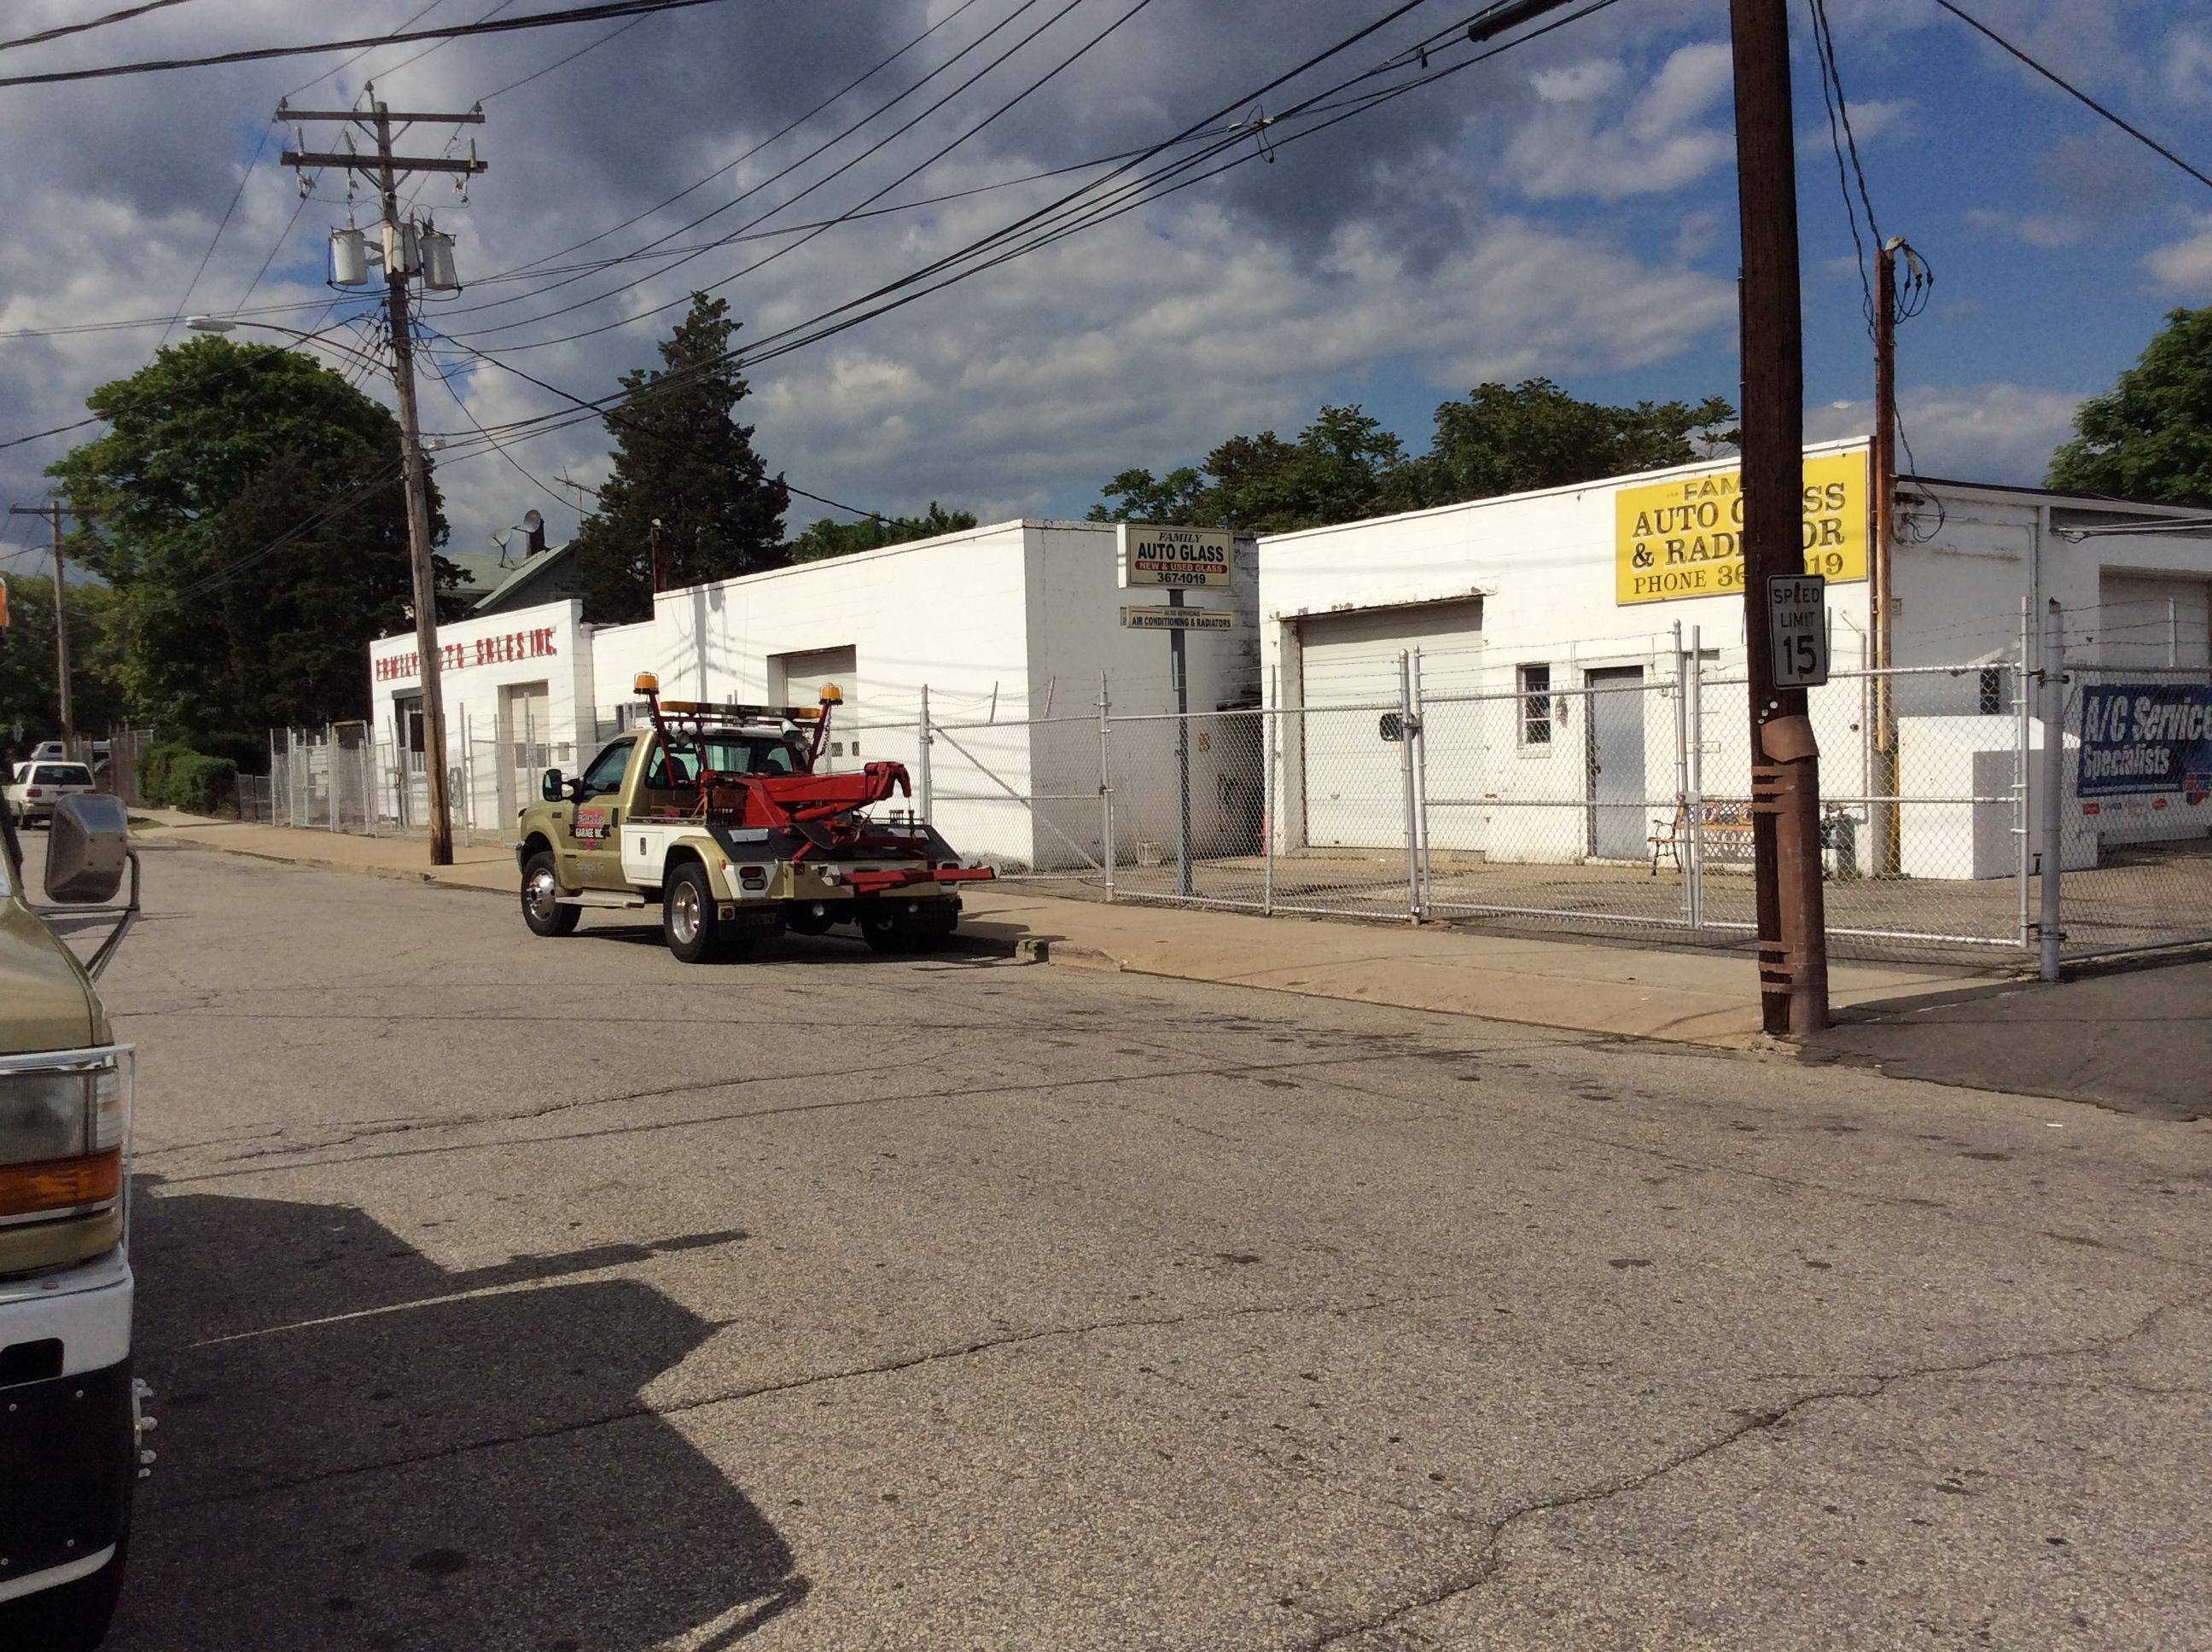 Family Auto Body Inc Photo Gallery | Bridgeport, CT